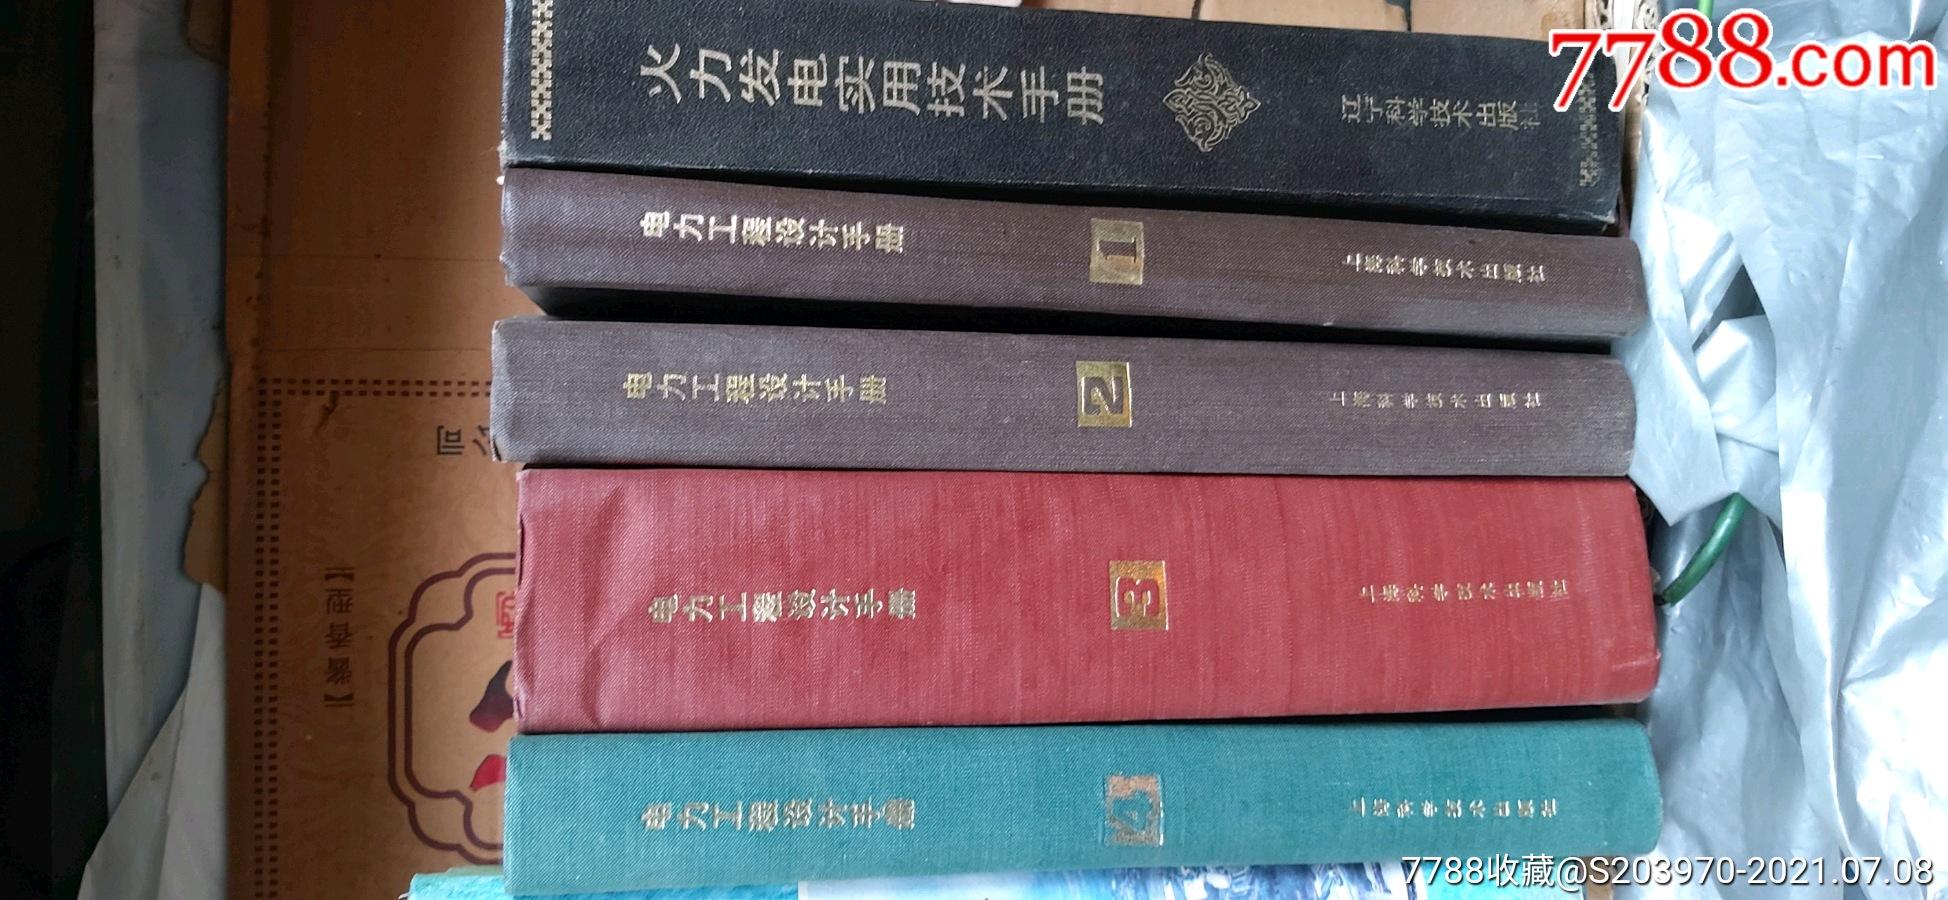 火力發電廠設計手冊(5本)收藏品_價格158元_第1張_